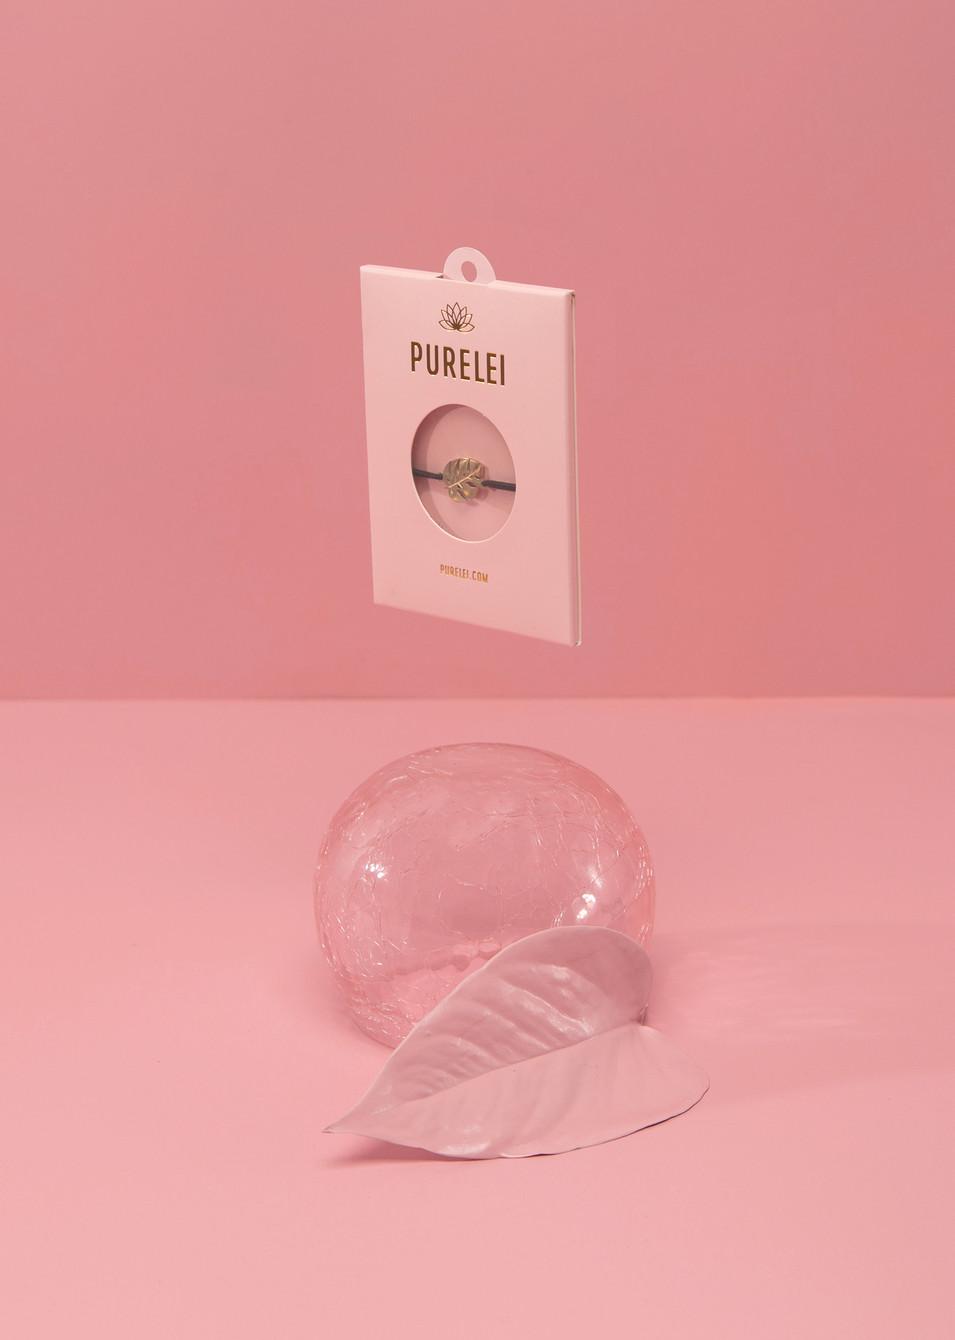 PURELEI-DesignstudioBOB-2.jpg